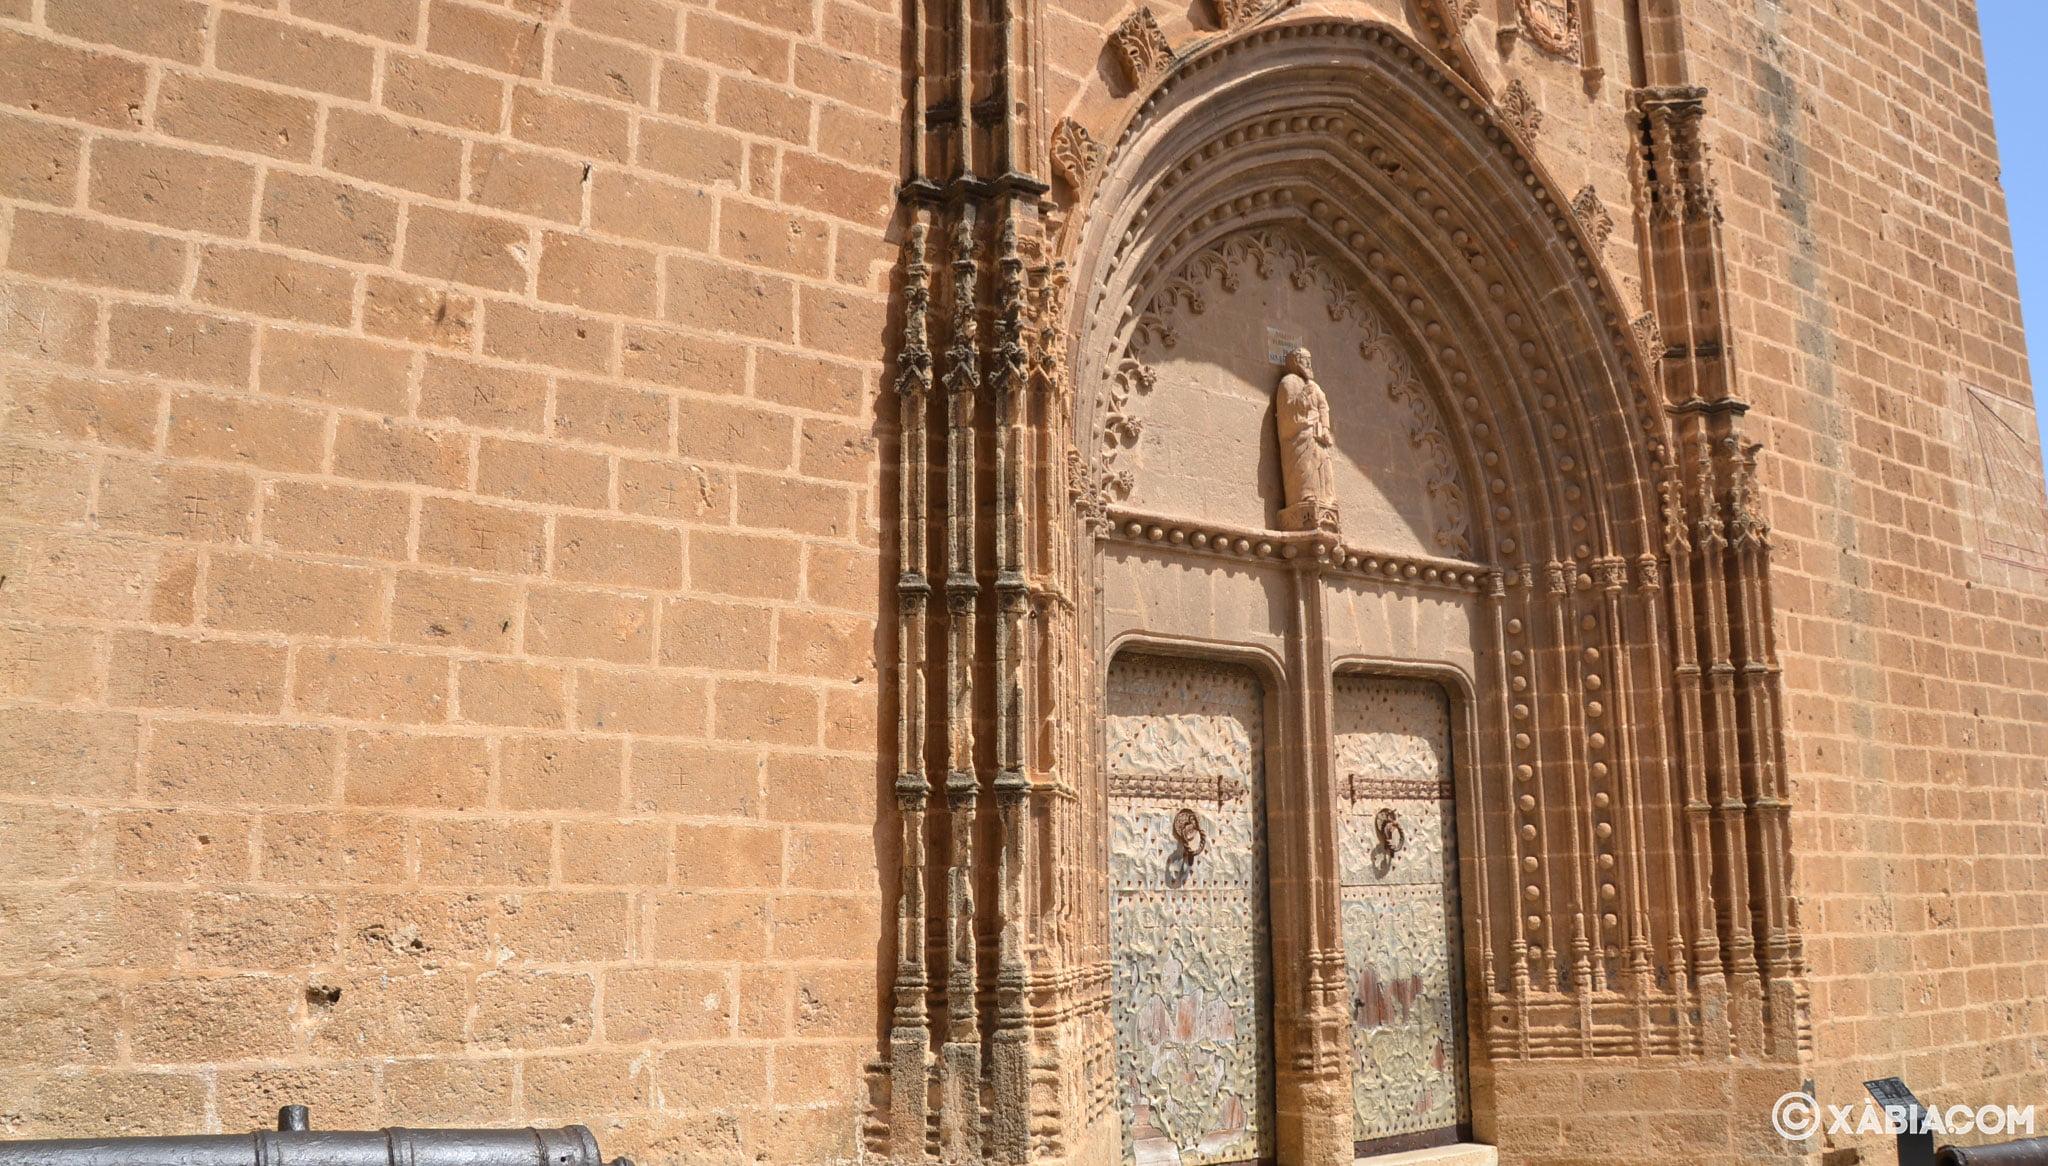 Couverture de San Bartolomé, style médiéval, dans l'église de San Bartolomé de Jávea